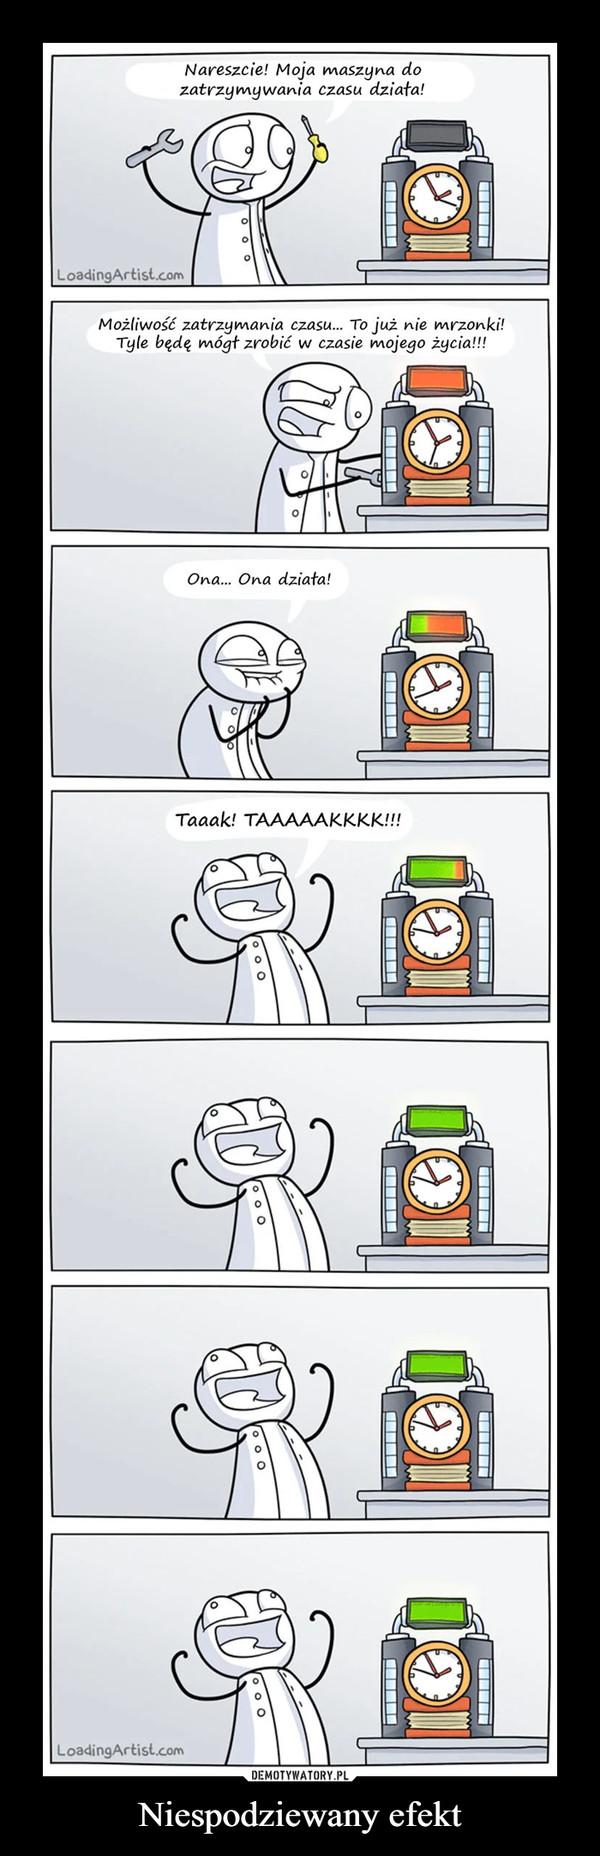 Niespodziewany efekt –  Nareszcie! Moja maszyna dozatrzymywania czasu działa!Możliwość zatrzymania czasu... To już nie mrzonki!Tyle będę mógł zrobić w czasie mojego życia!!!Ona... Ona działa!Taaakl TAAAAAK.K.K.K.M